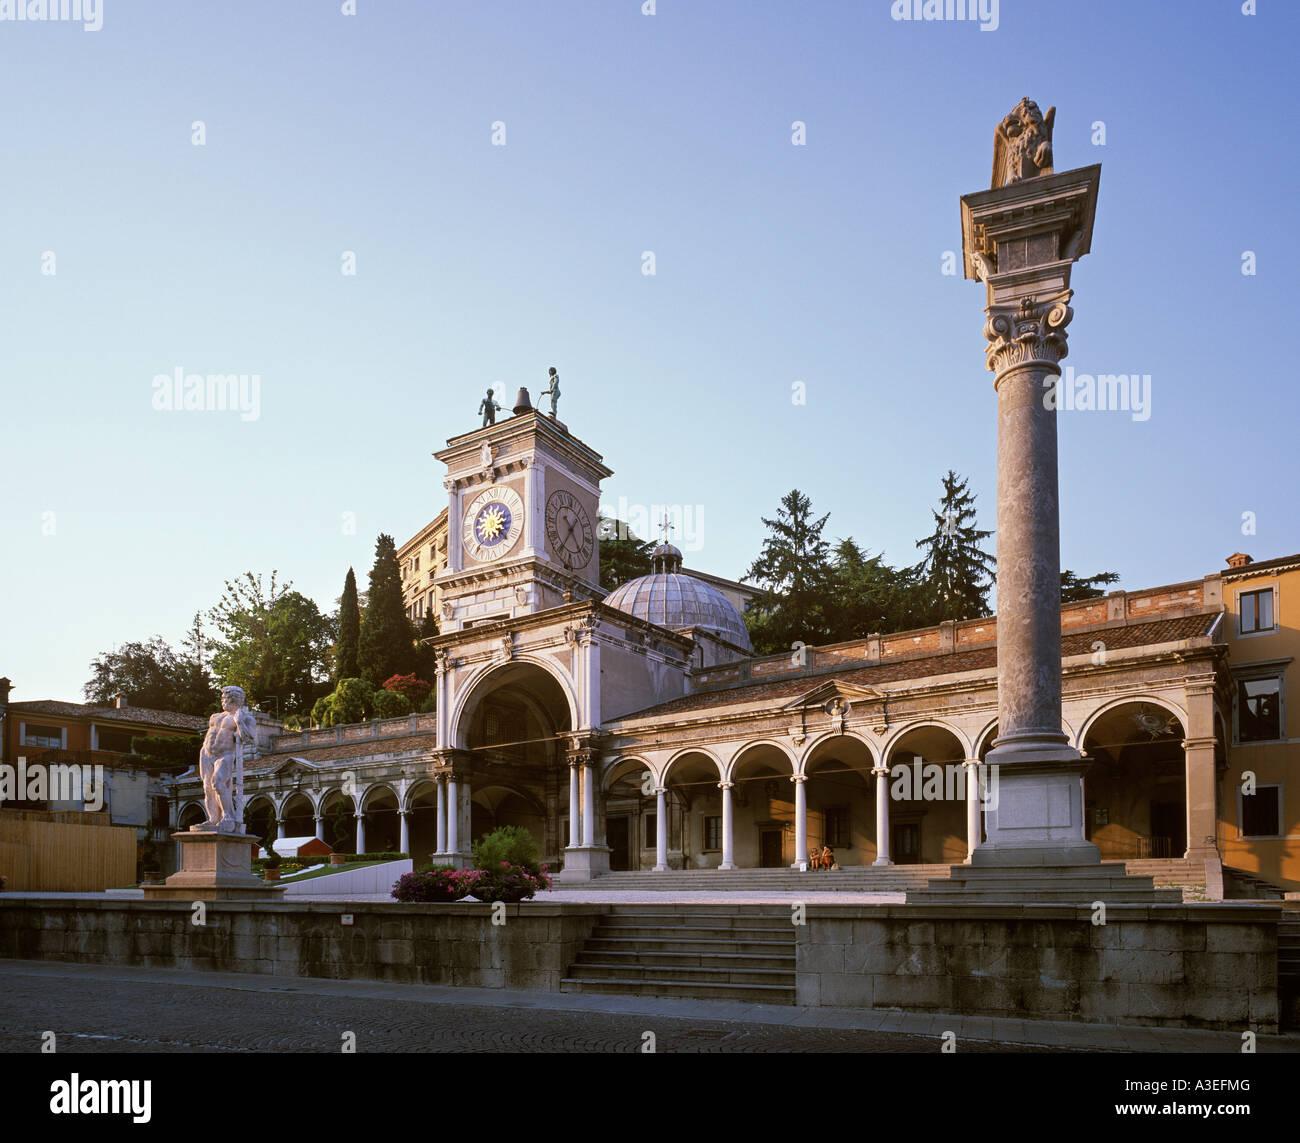 Loggia di San Giovanni, clock tower, Piazza Liberta, Udine, Friuli-Venezia Giulia, Italy Stock Photo